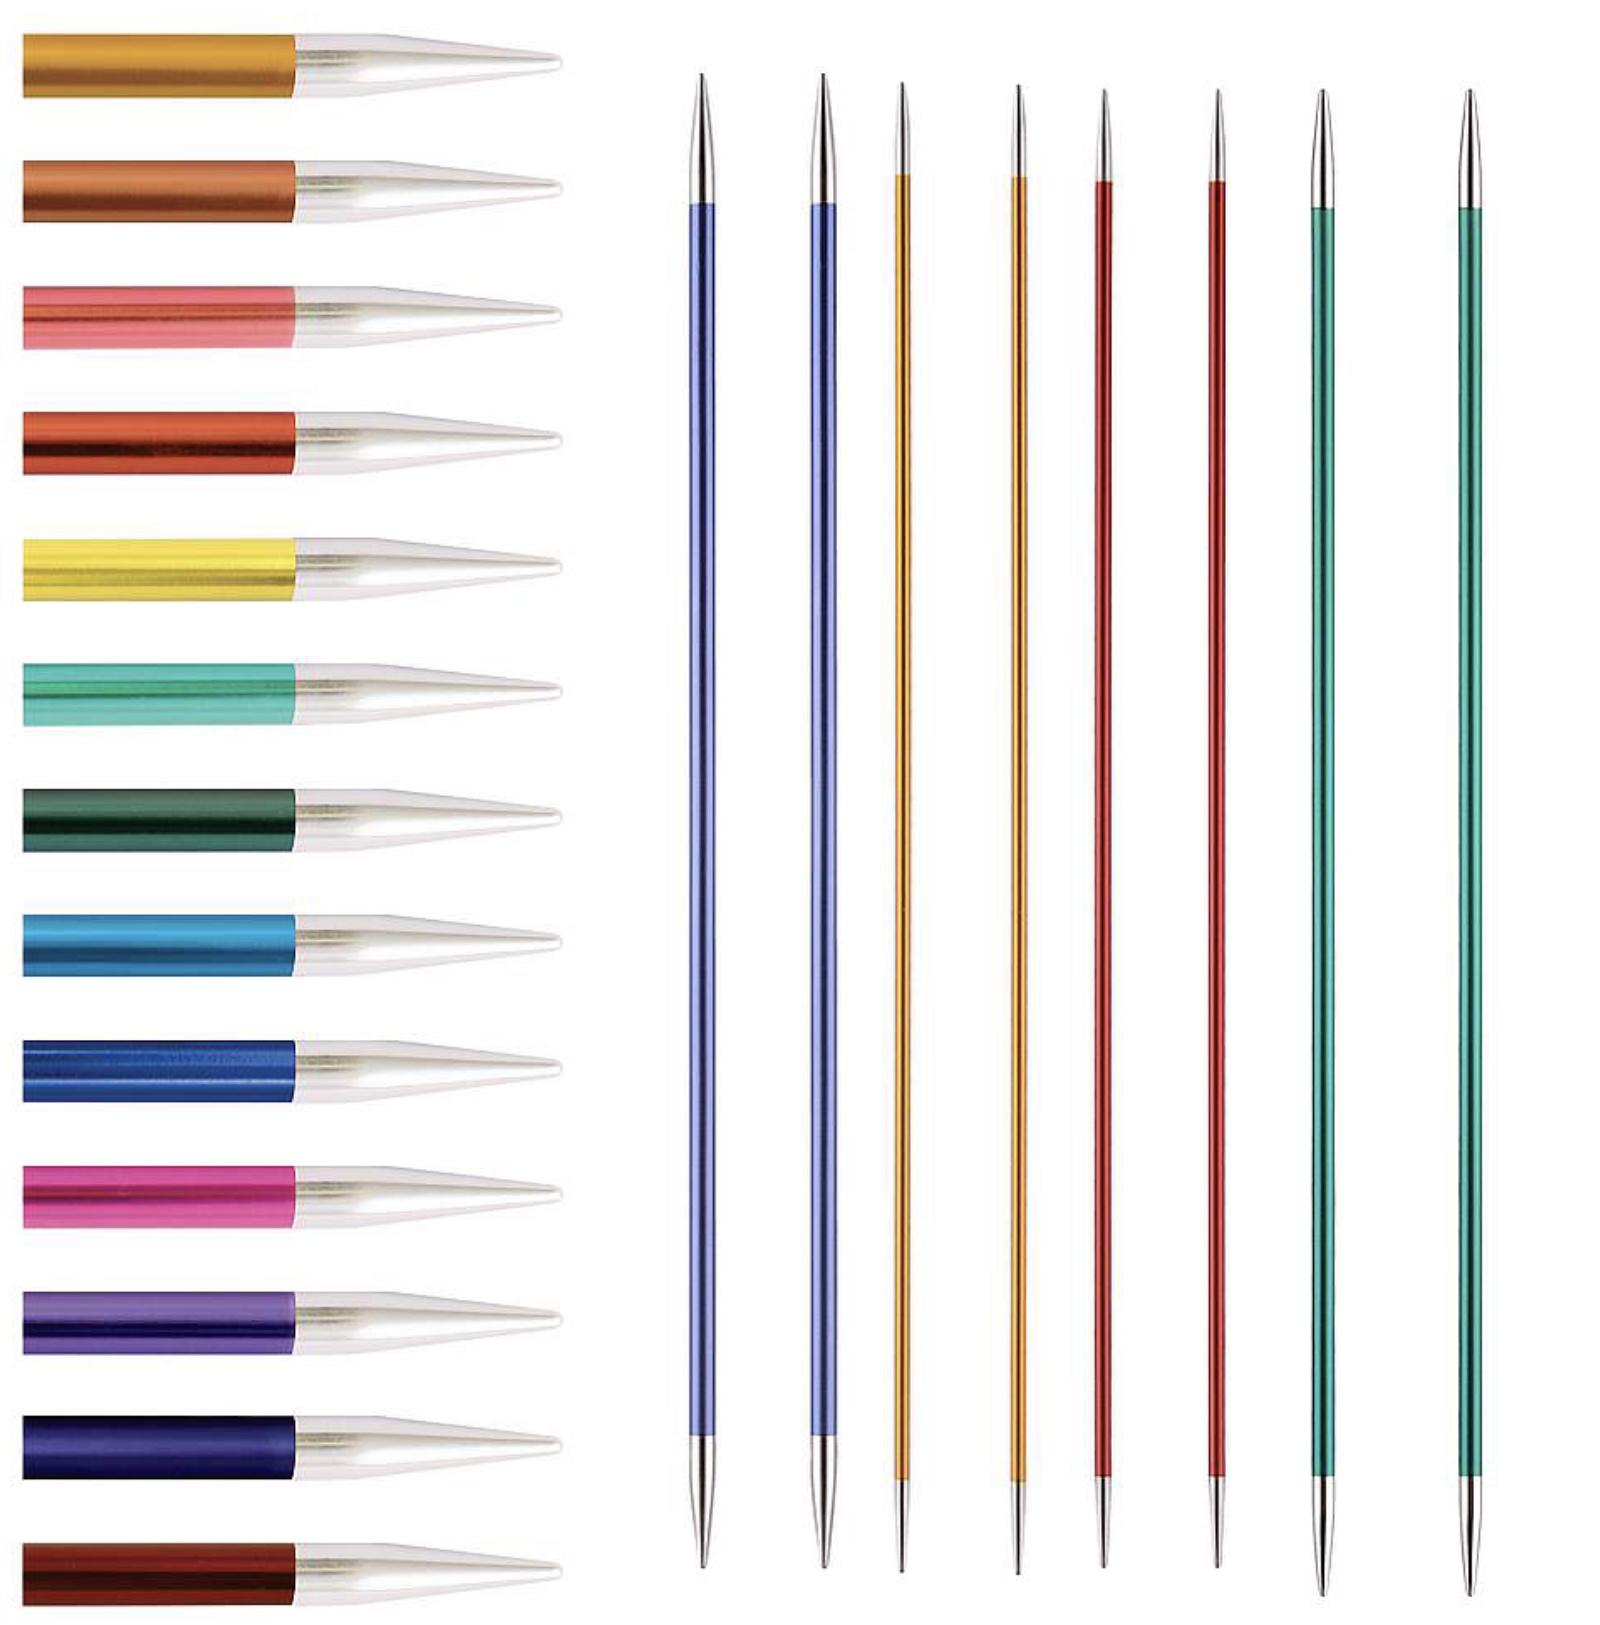 Knit Pro Zing KnitPro Zing Nadelspiel 3,5 mm - 15 cm